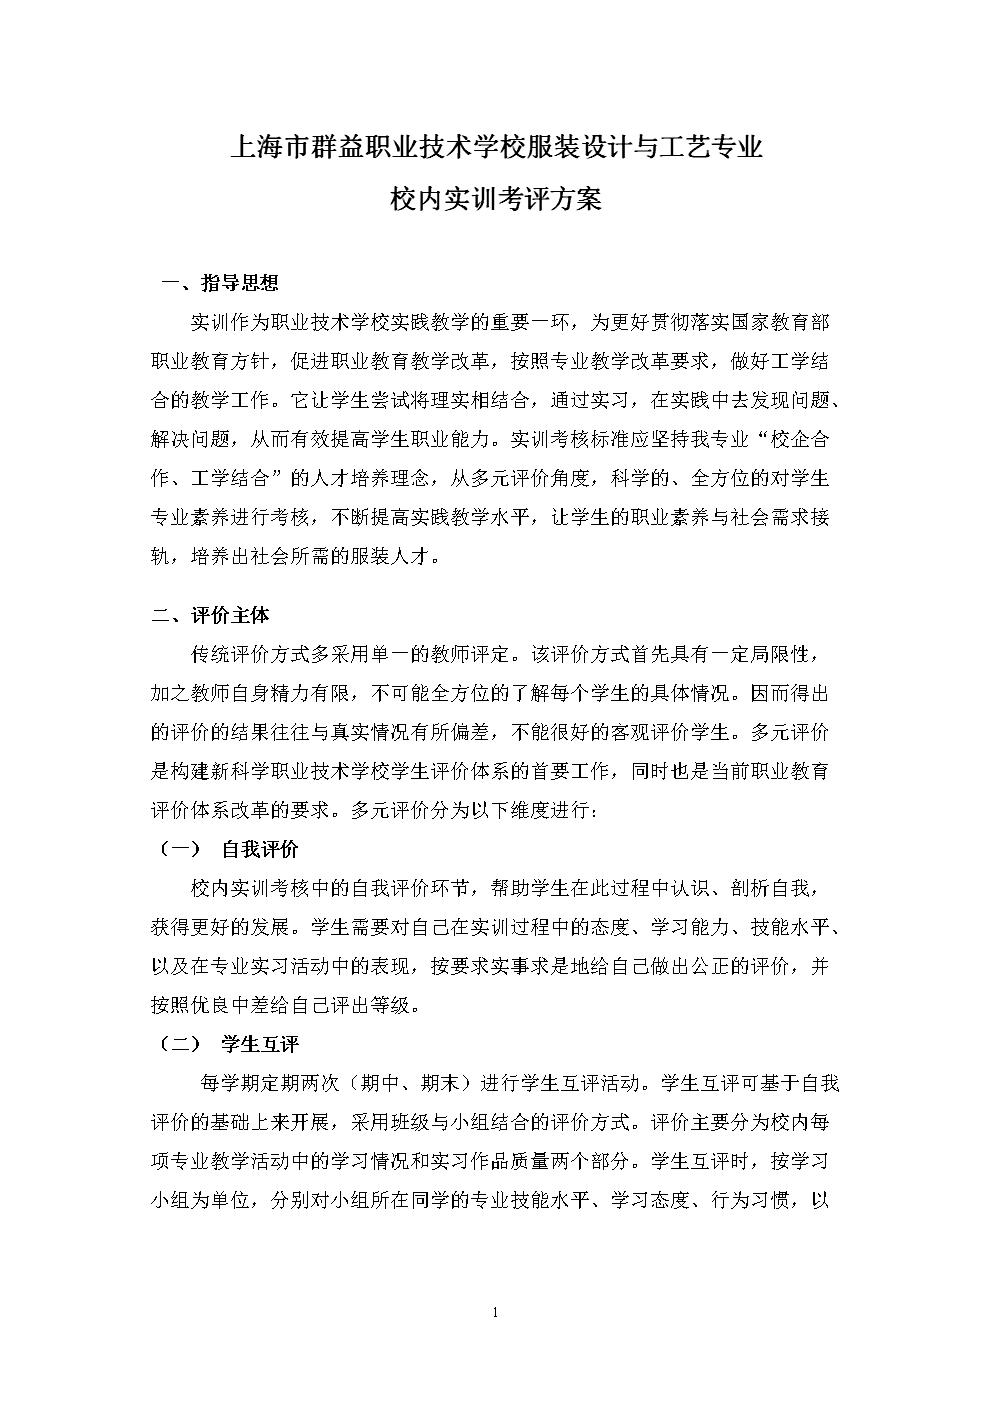 实训考核标准-上海市群益职业技术学校.doc